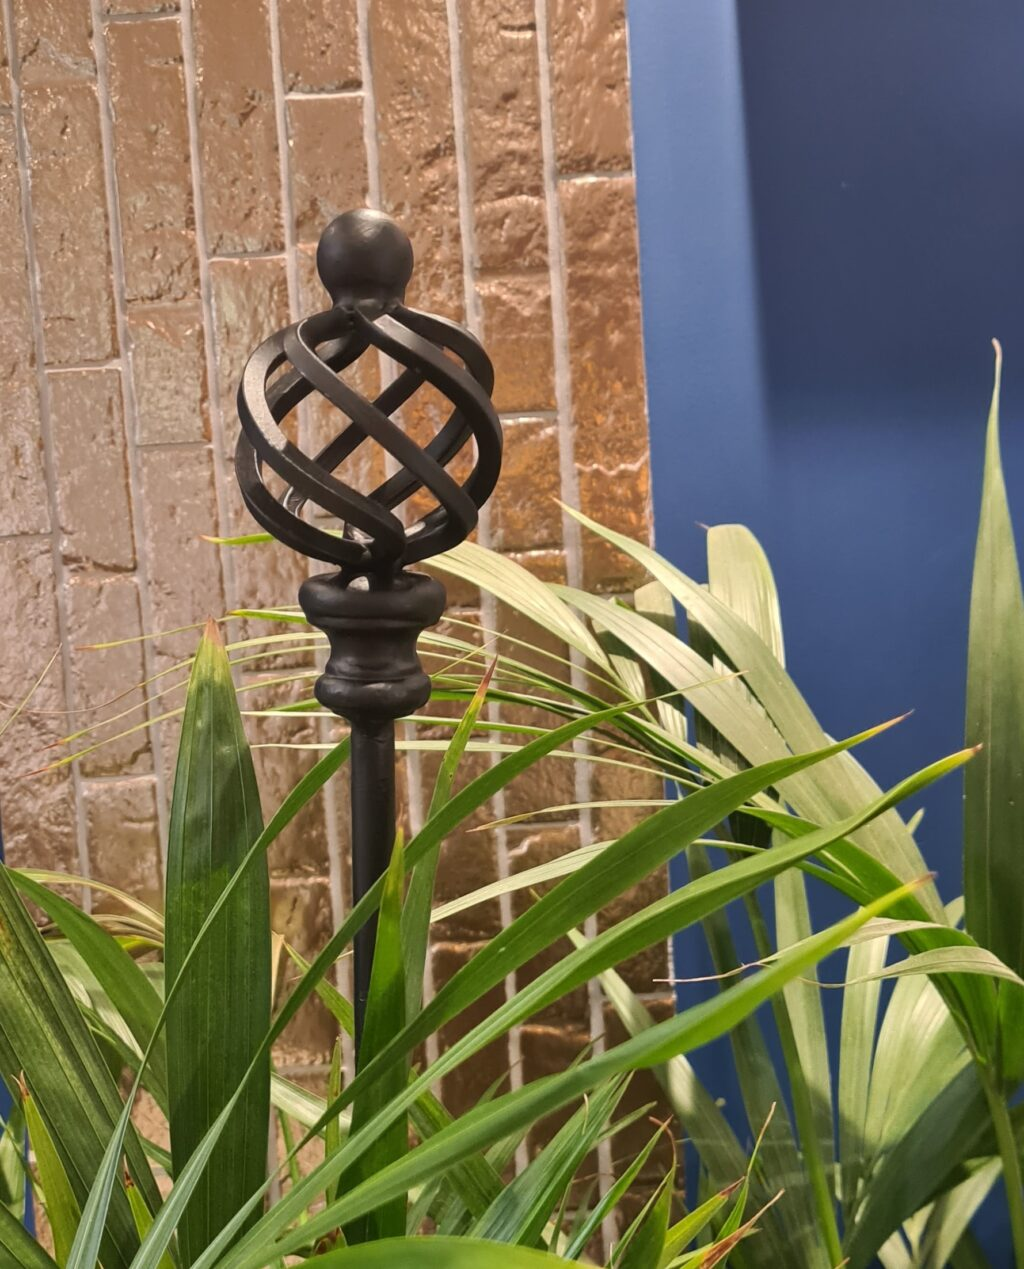 Spire garden stake